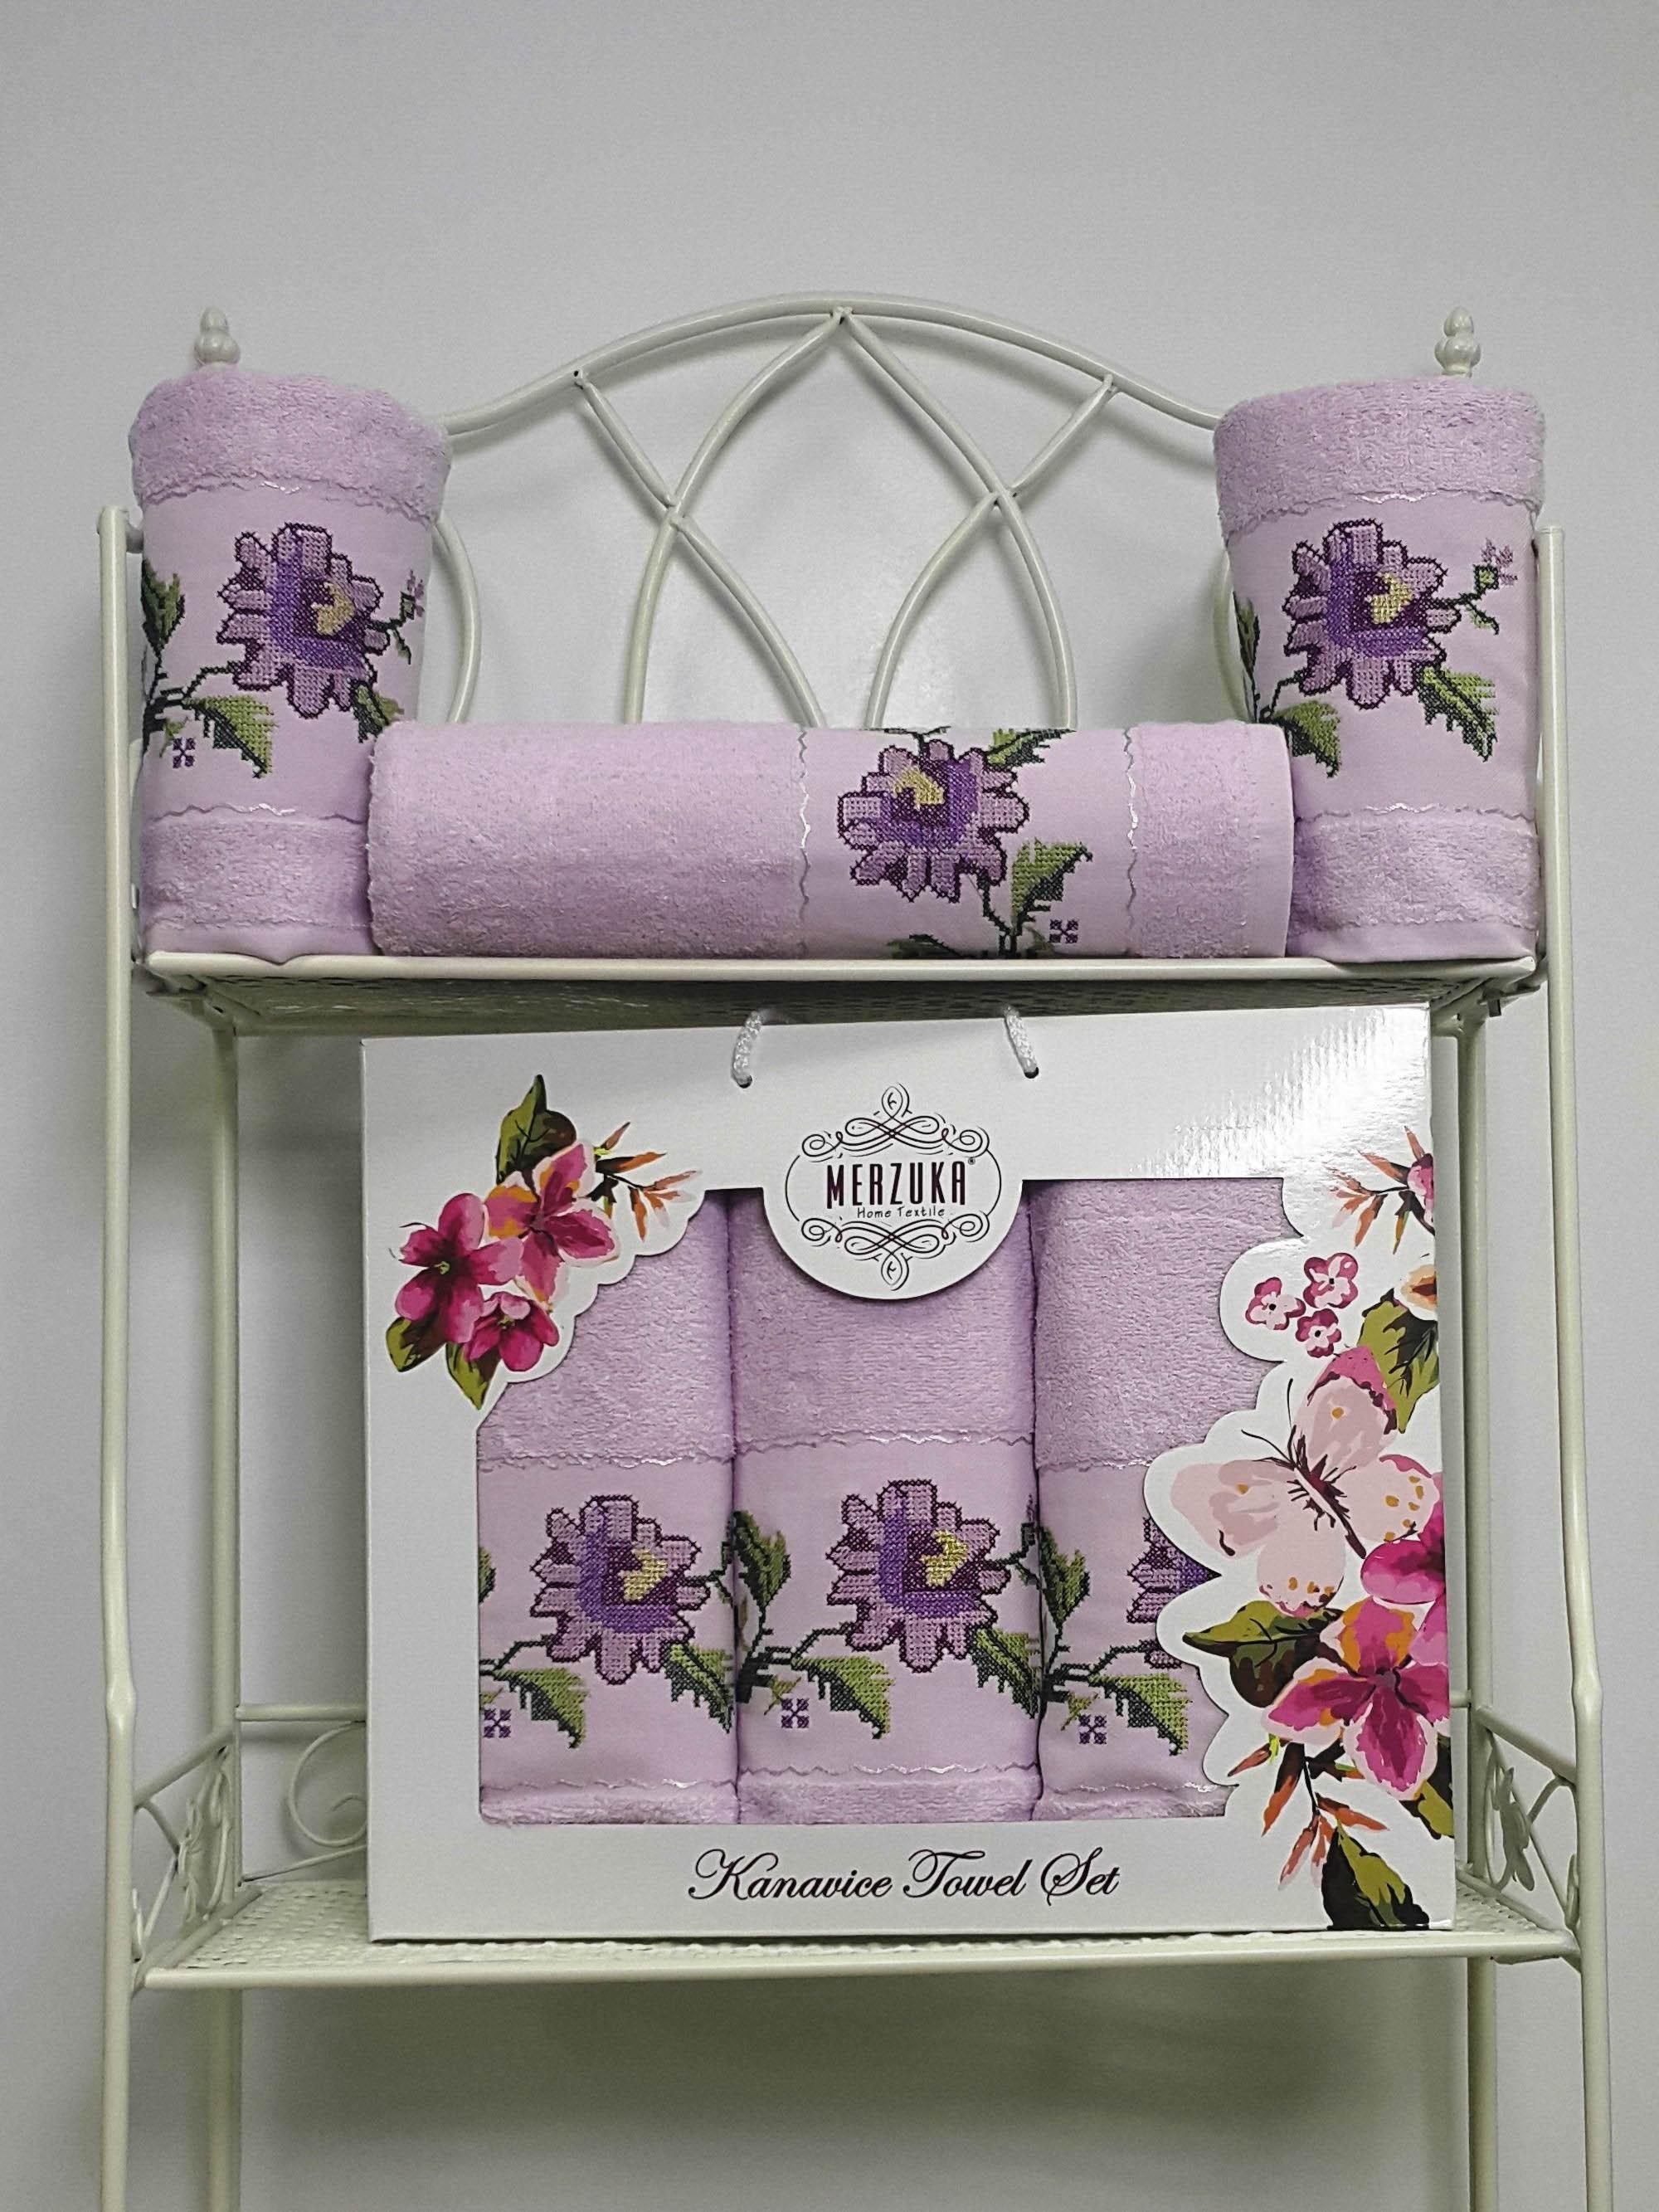 Полотенца Oran Merzuka Полотенце Kanavice Цвет: Лиловый (Набор) полотенца oran merzuka полотенце sakura цвет светло лиловый набор